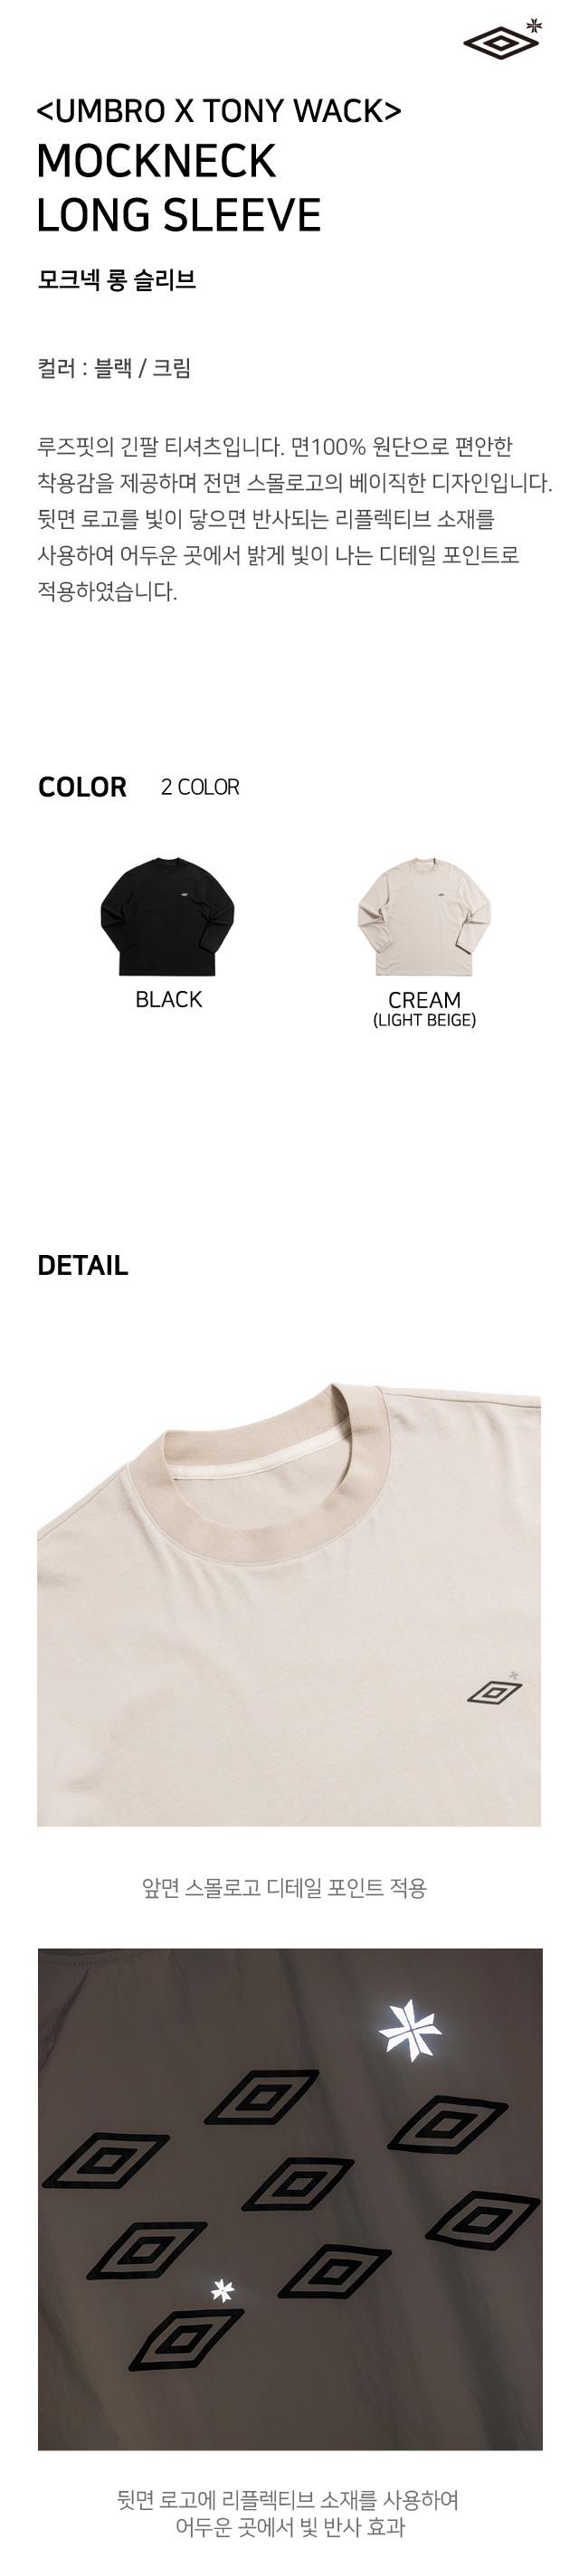 엄브로(UMBRO) Mockneck Long Sleeve Black (U0421CRLN7)